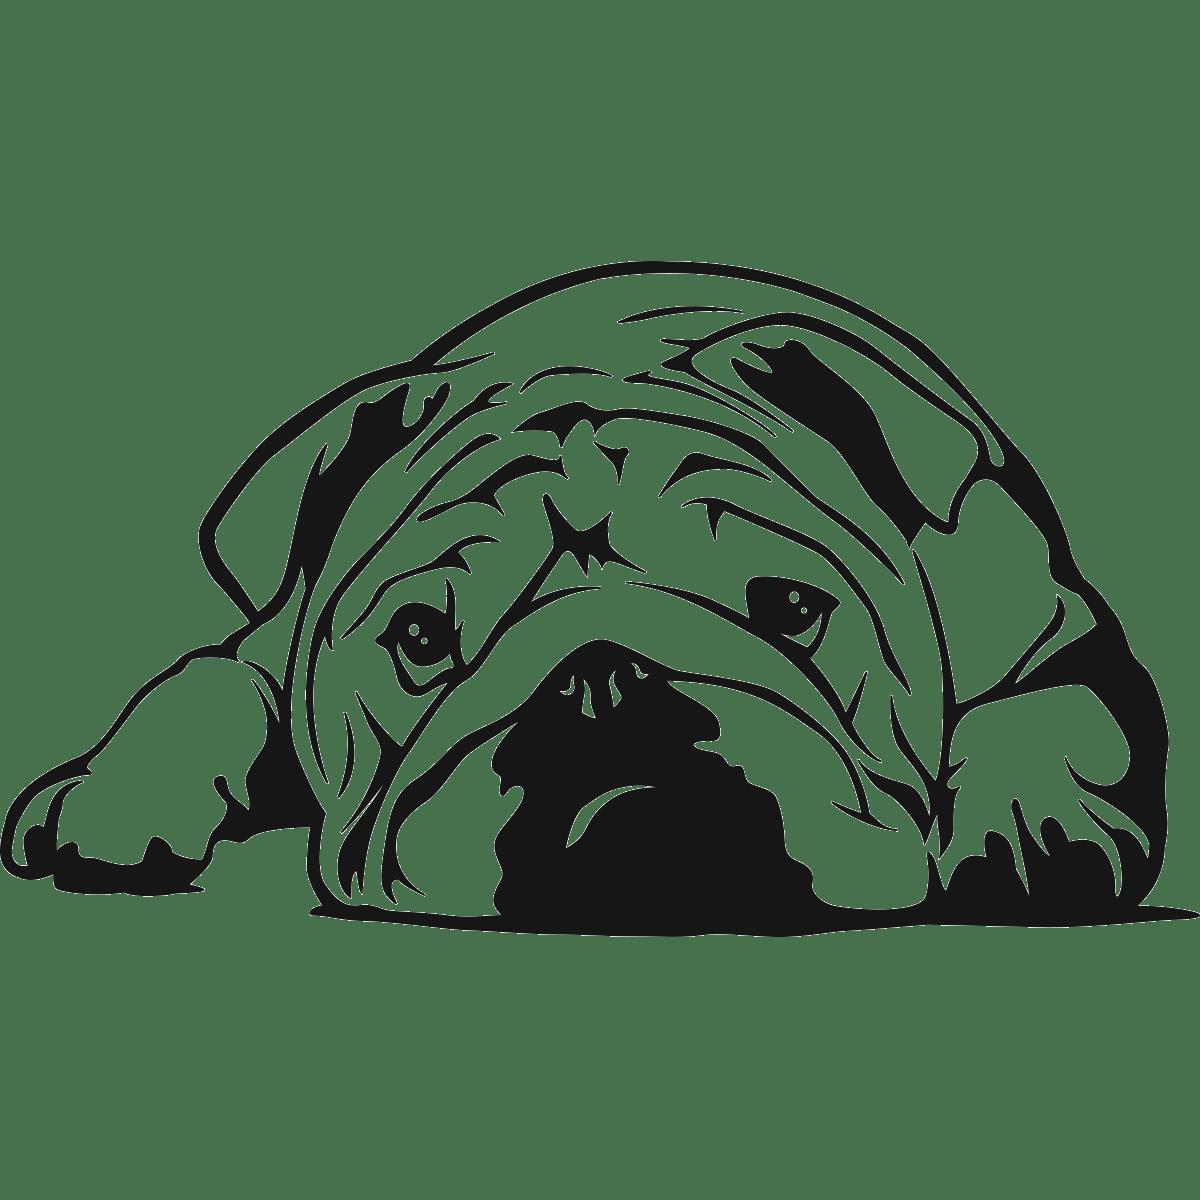 Sticker voiture gros chien